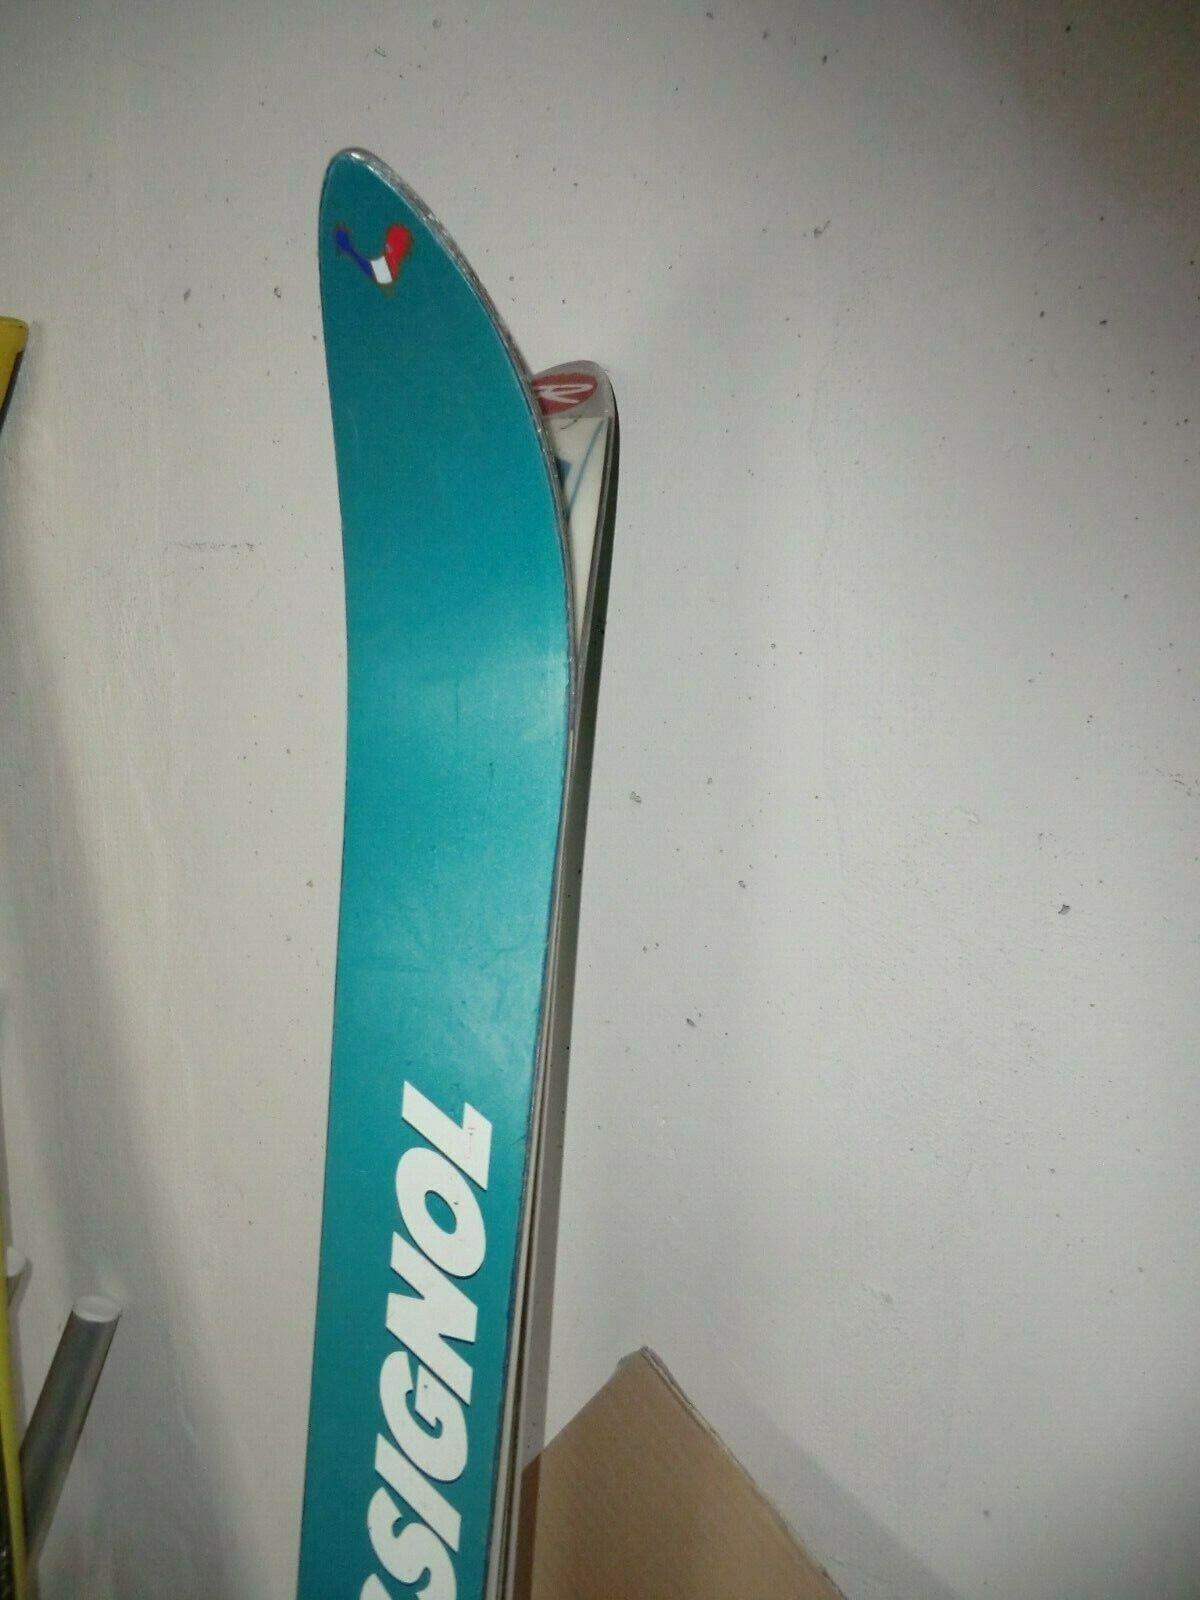 Rossignol Equipe 4S Ski 207 MÜNCHEN Skier mit Marker M46 M46 M46 Bindung 829e8a